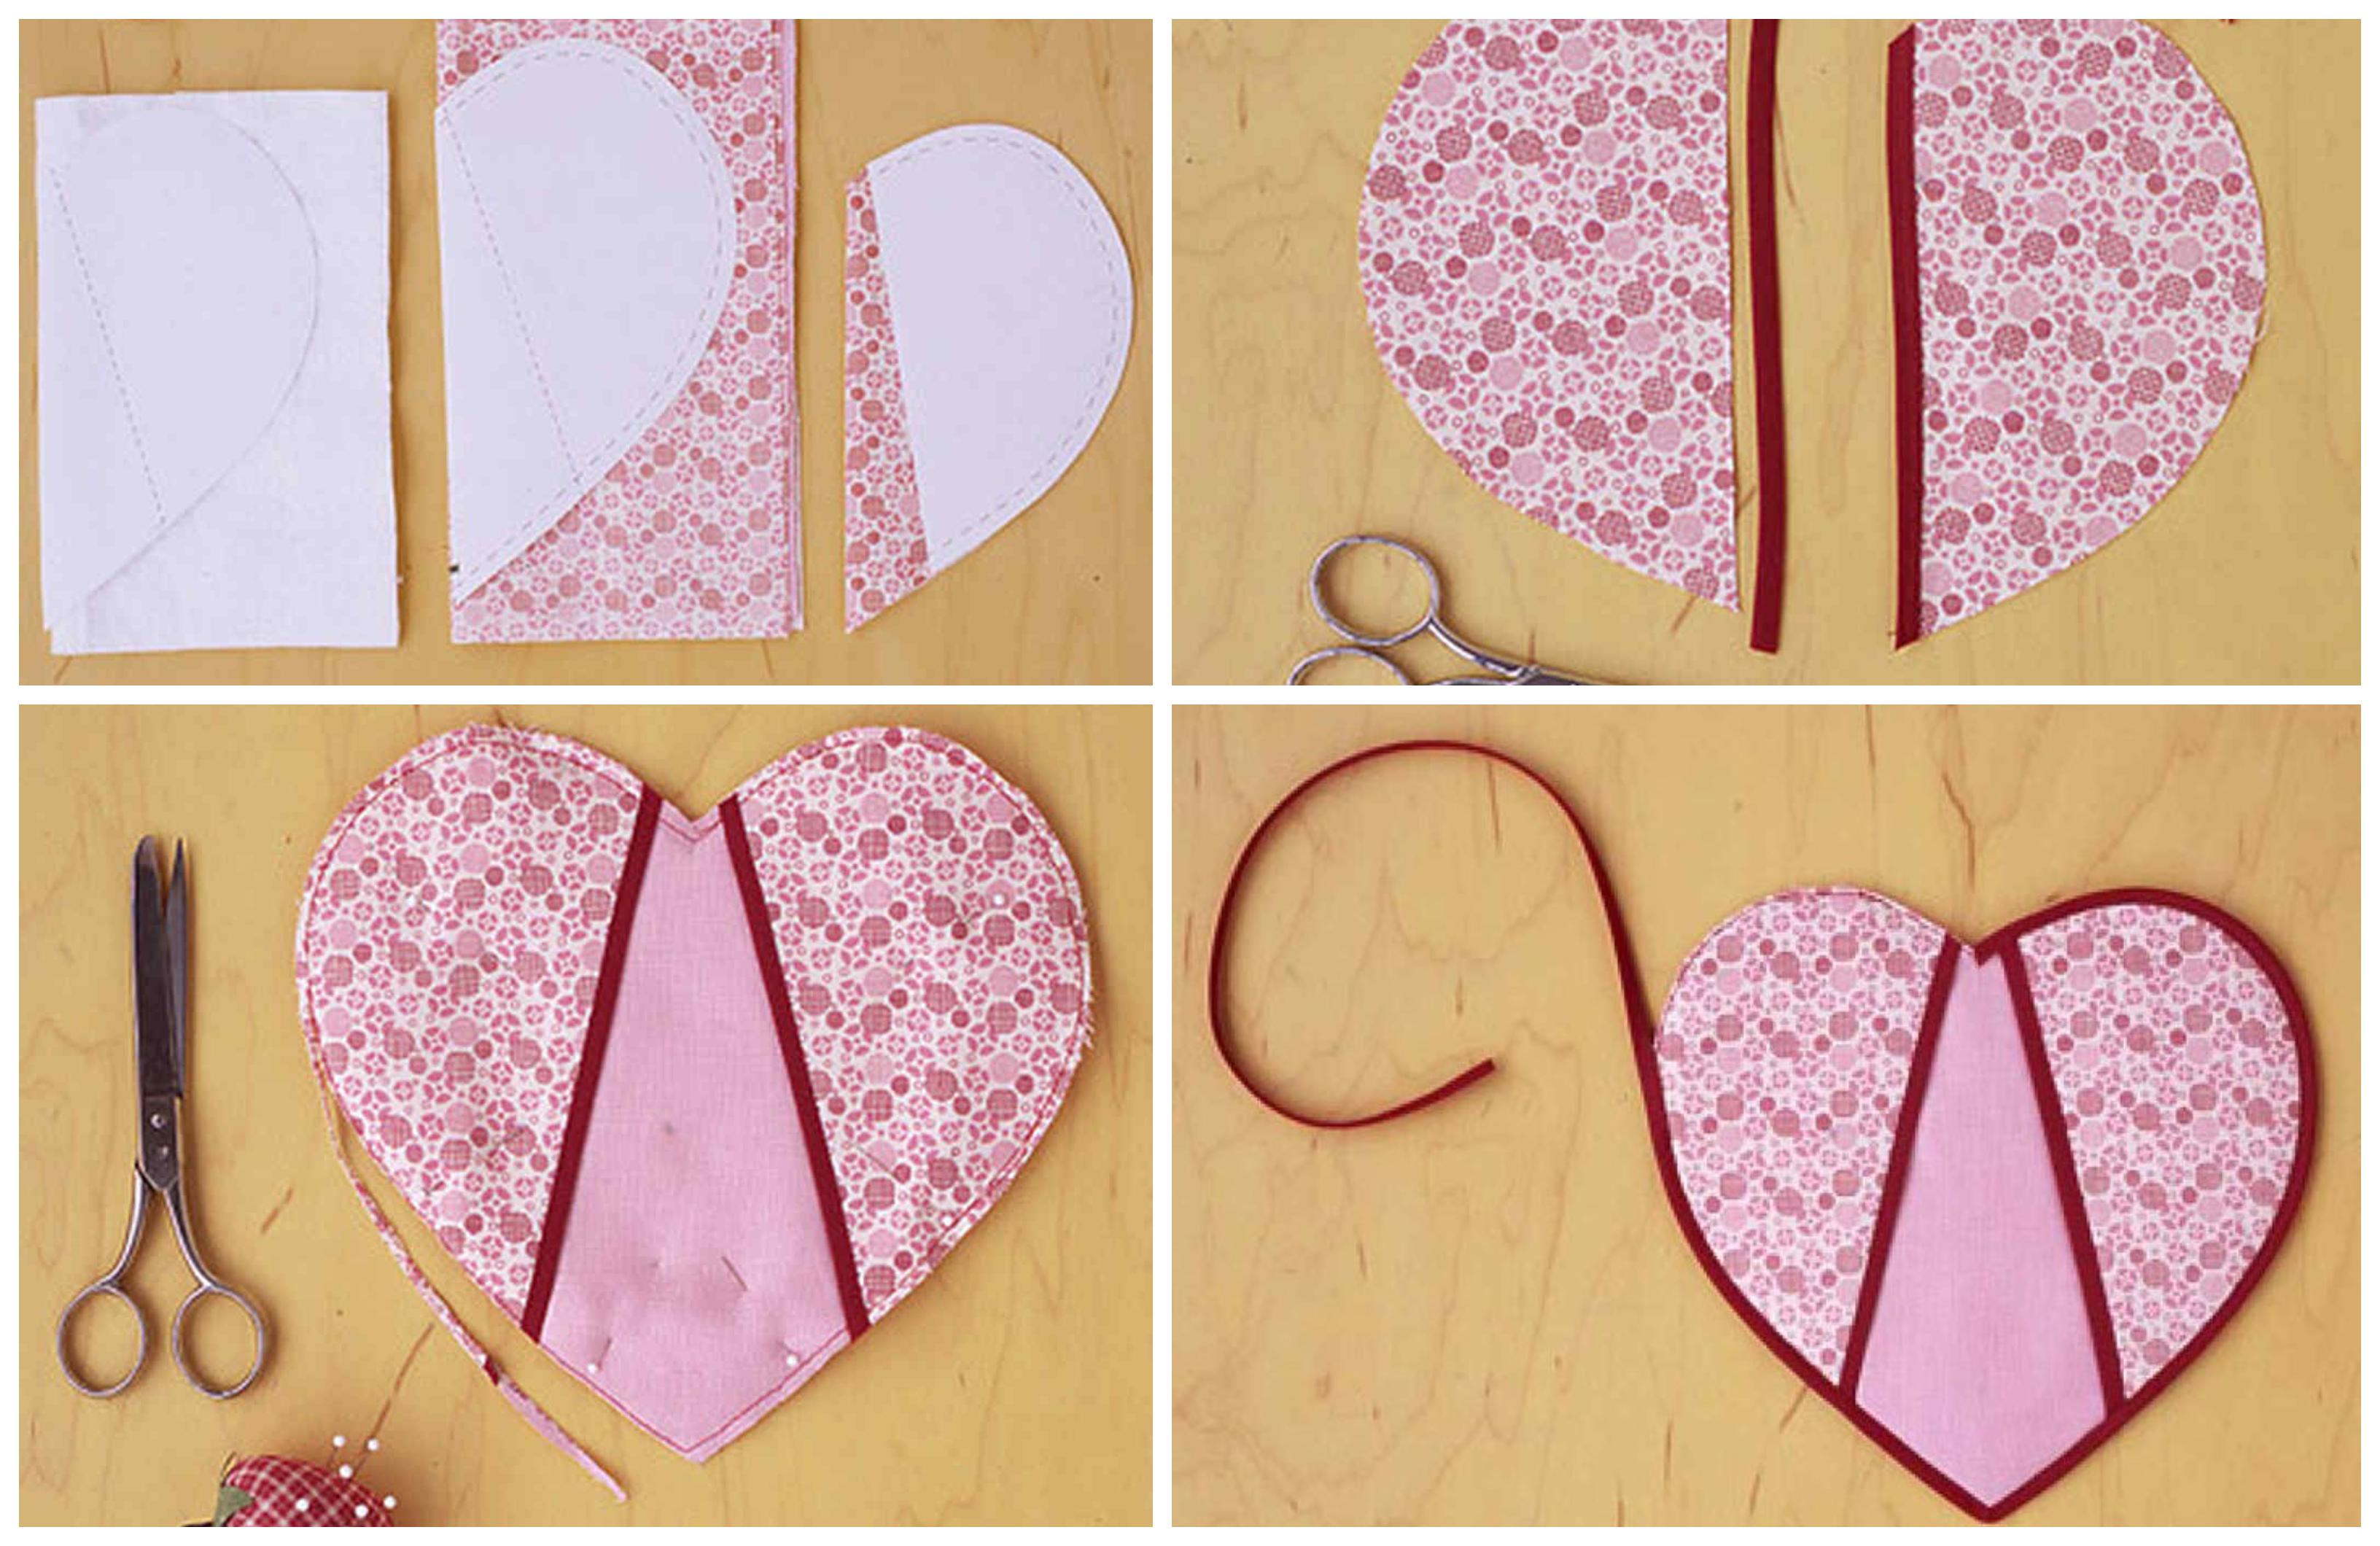 cómo hacer un corazón de tela paso a paso, galería de imagines con regalos san valentin manualidades